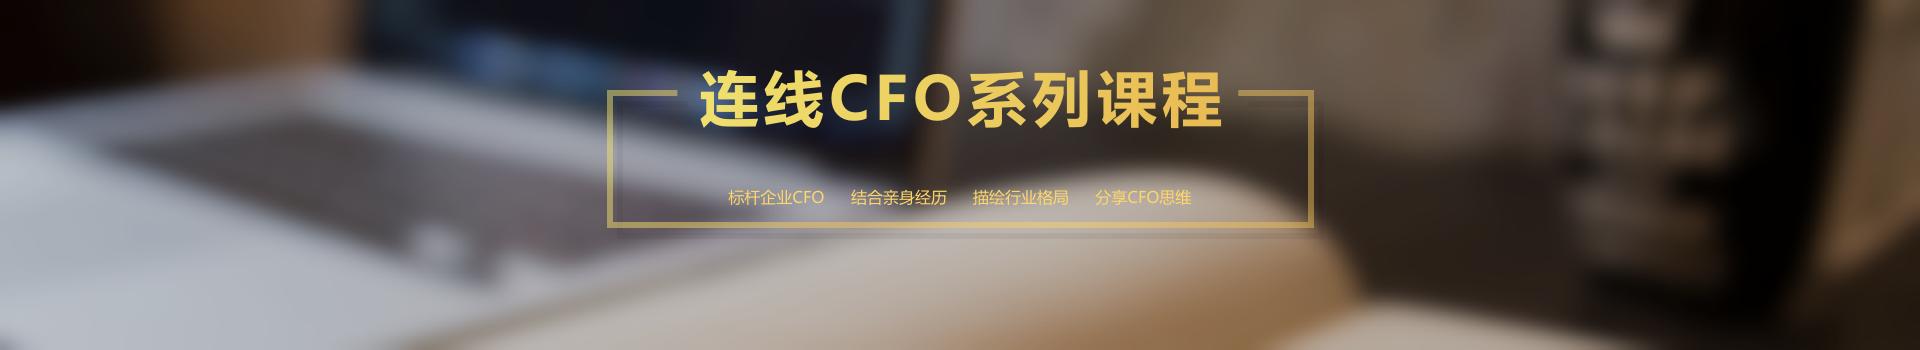 连线CFO系列课 标杆企业CFO,结合亲身经历,描绘行业格局,分享CFO思维